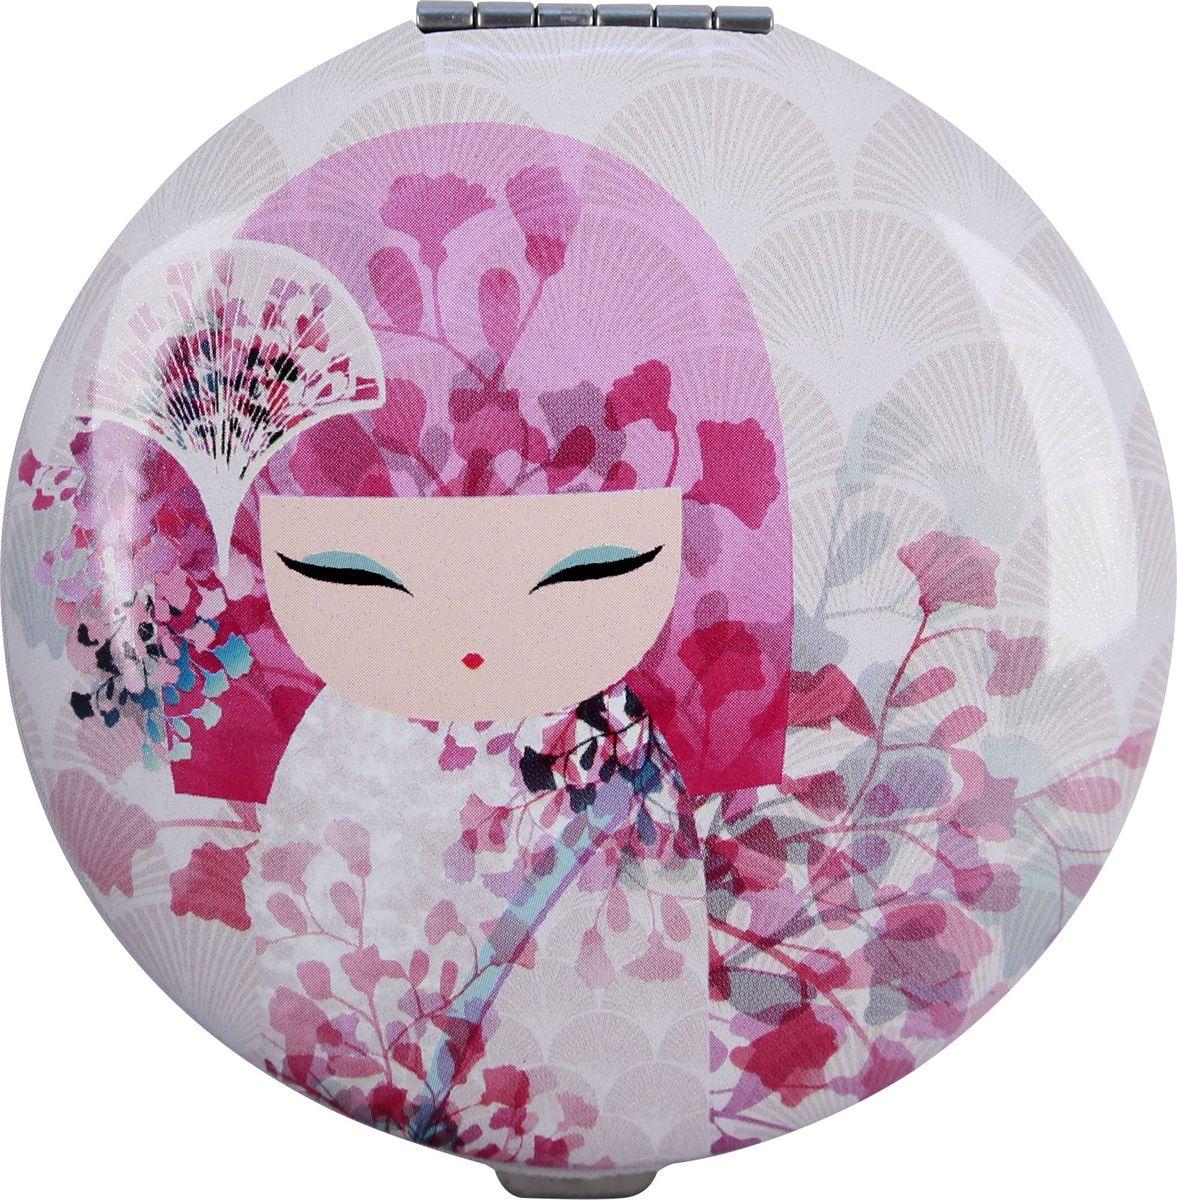 Зеркало карманное Kimmidoll Макото. KF114728032022Карманное зеркальце - Необычный и очень приятный подарок подруге, маме или коллеге. Зеркало двойное, одно обычное, второе увеличивающее. Диаметр: 7 см. Упаковка: подарочная коробочка. Материал: металл.